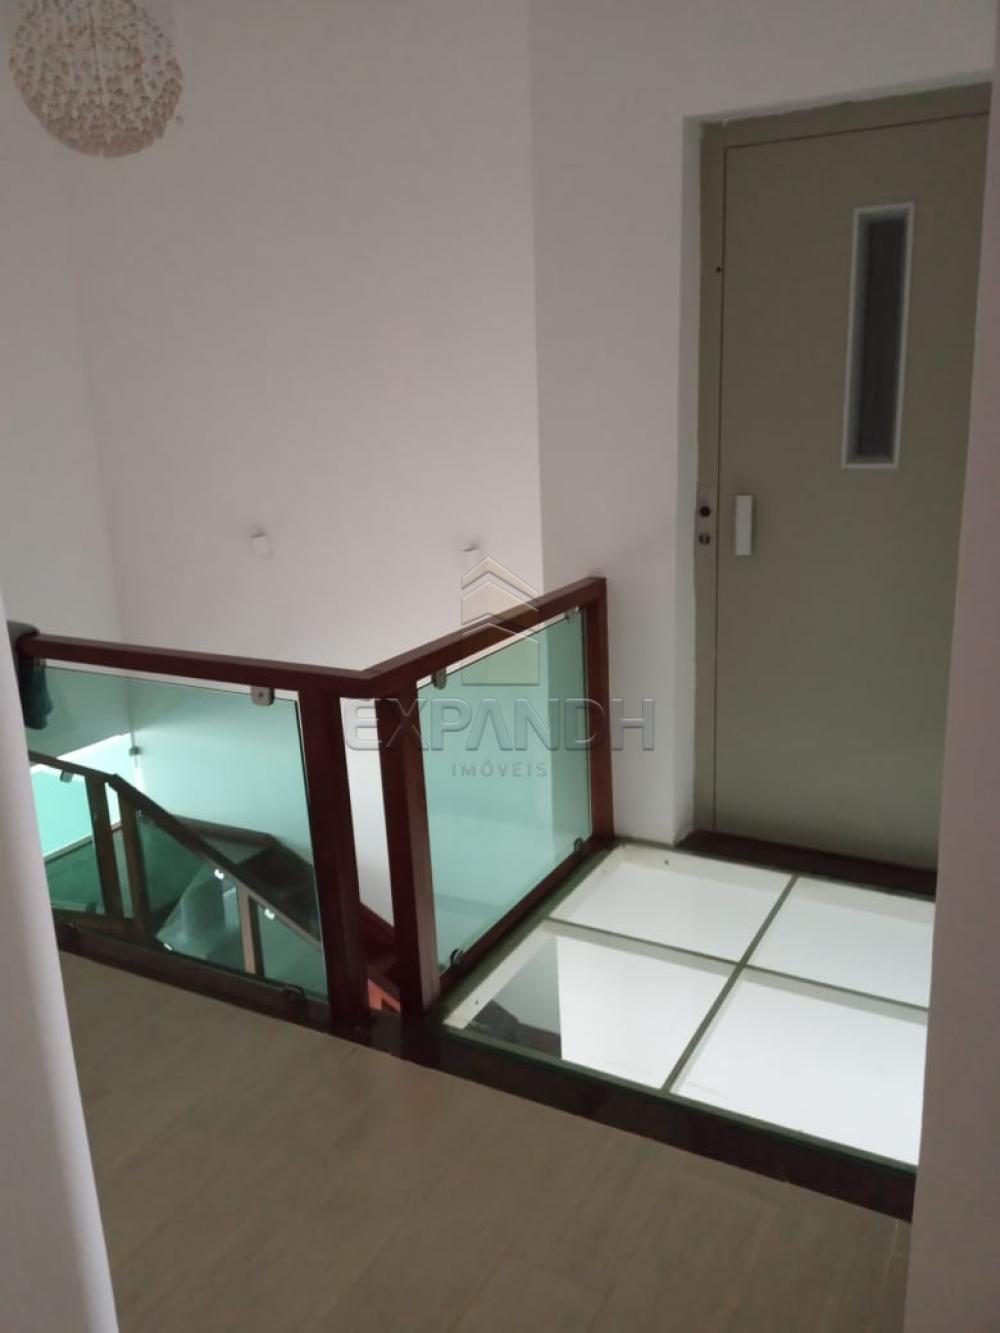 Comprar Casas / Padrão em Sertãozinho R$ 1.380.000,00 - Foto 14